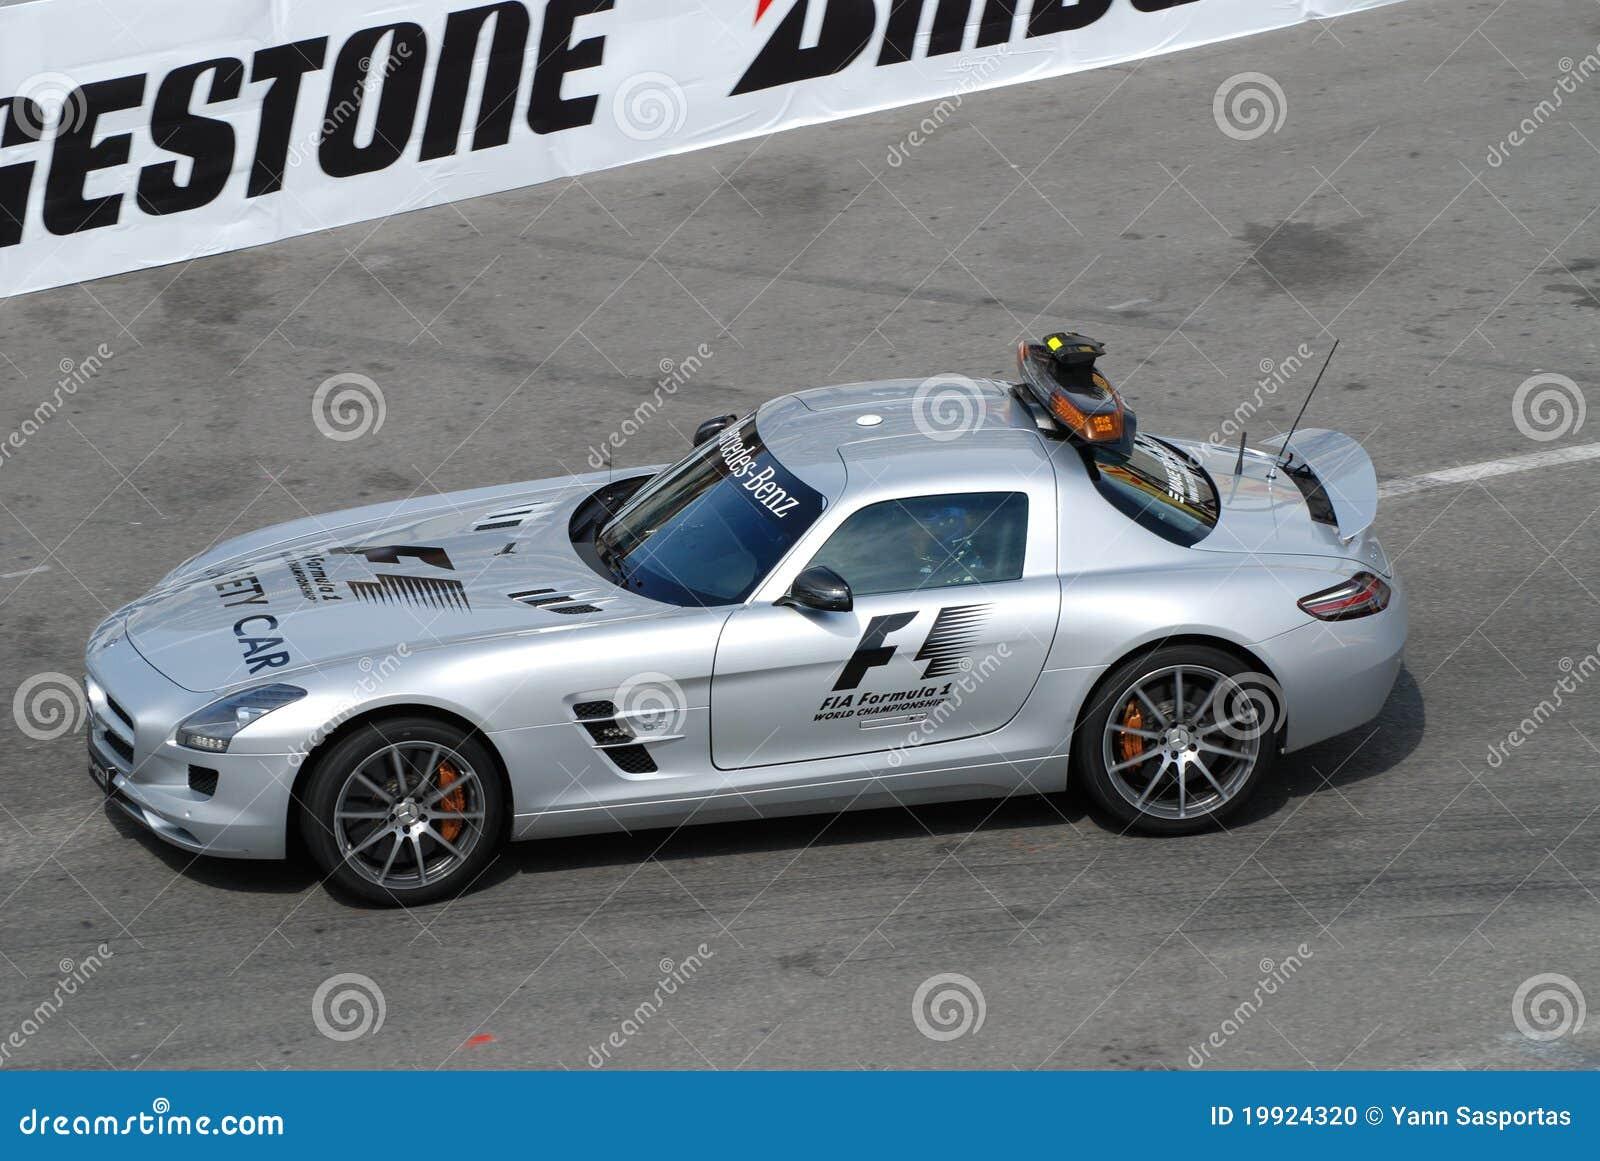 Automobile di sicurezza